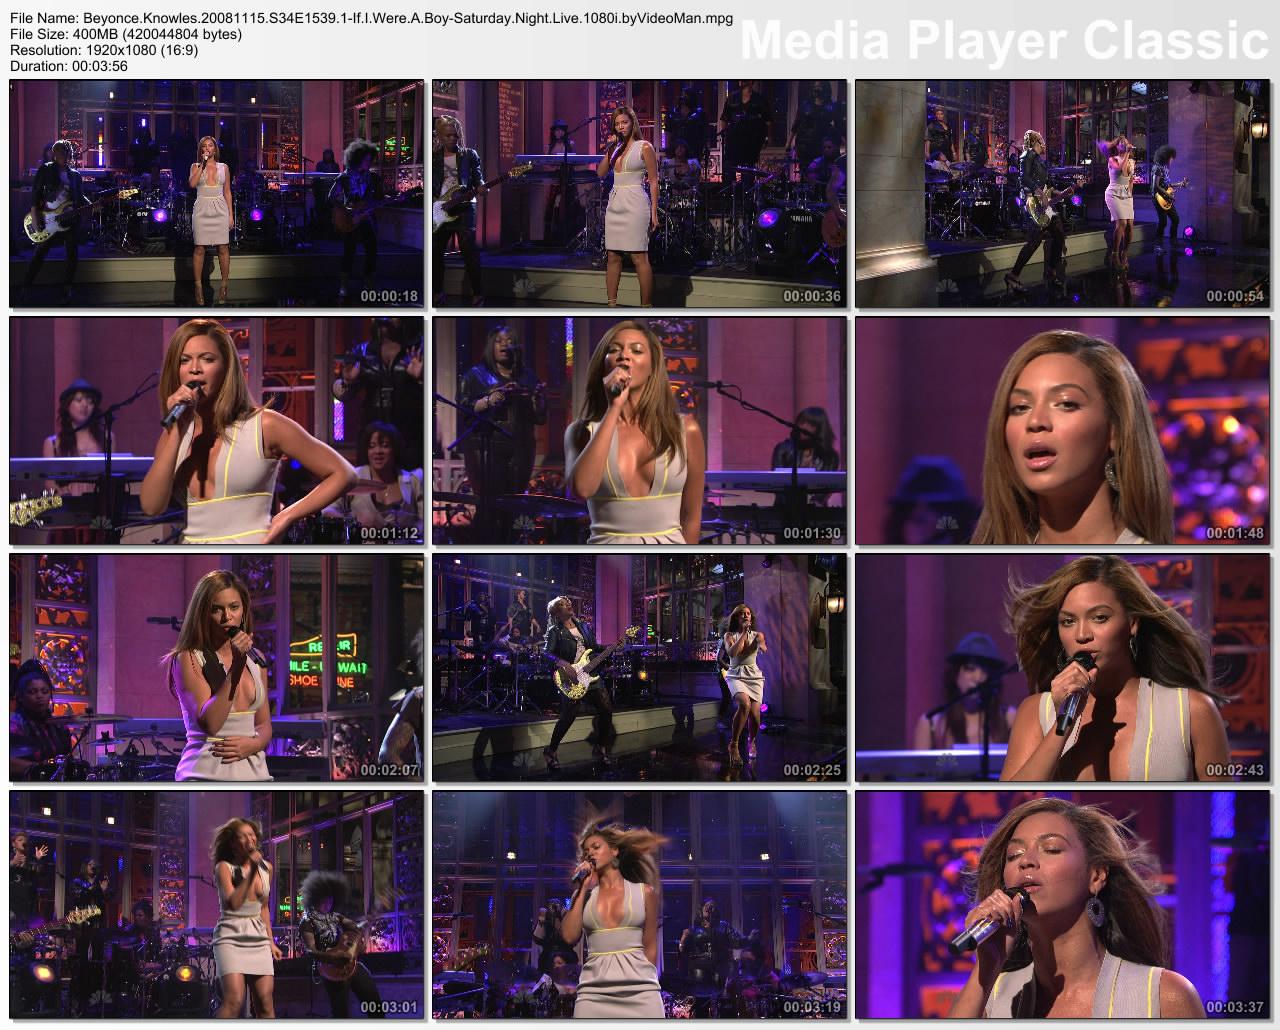 http://3.bp.blogspot.com/_6kbG7PQwNbc/SUT4ftCiWsI/AAAAAAAAA2U/noqM0d0ej-w/s1600/Beyonce.Knowles.20081115.S34E1539.1-If.I.Were.A.Boy-Saturday.Night.Live.1080i.byVideoMan.jpg